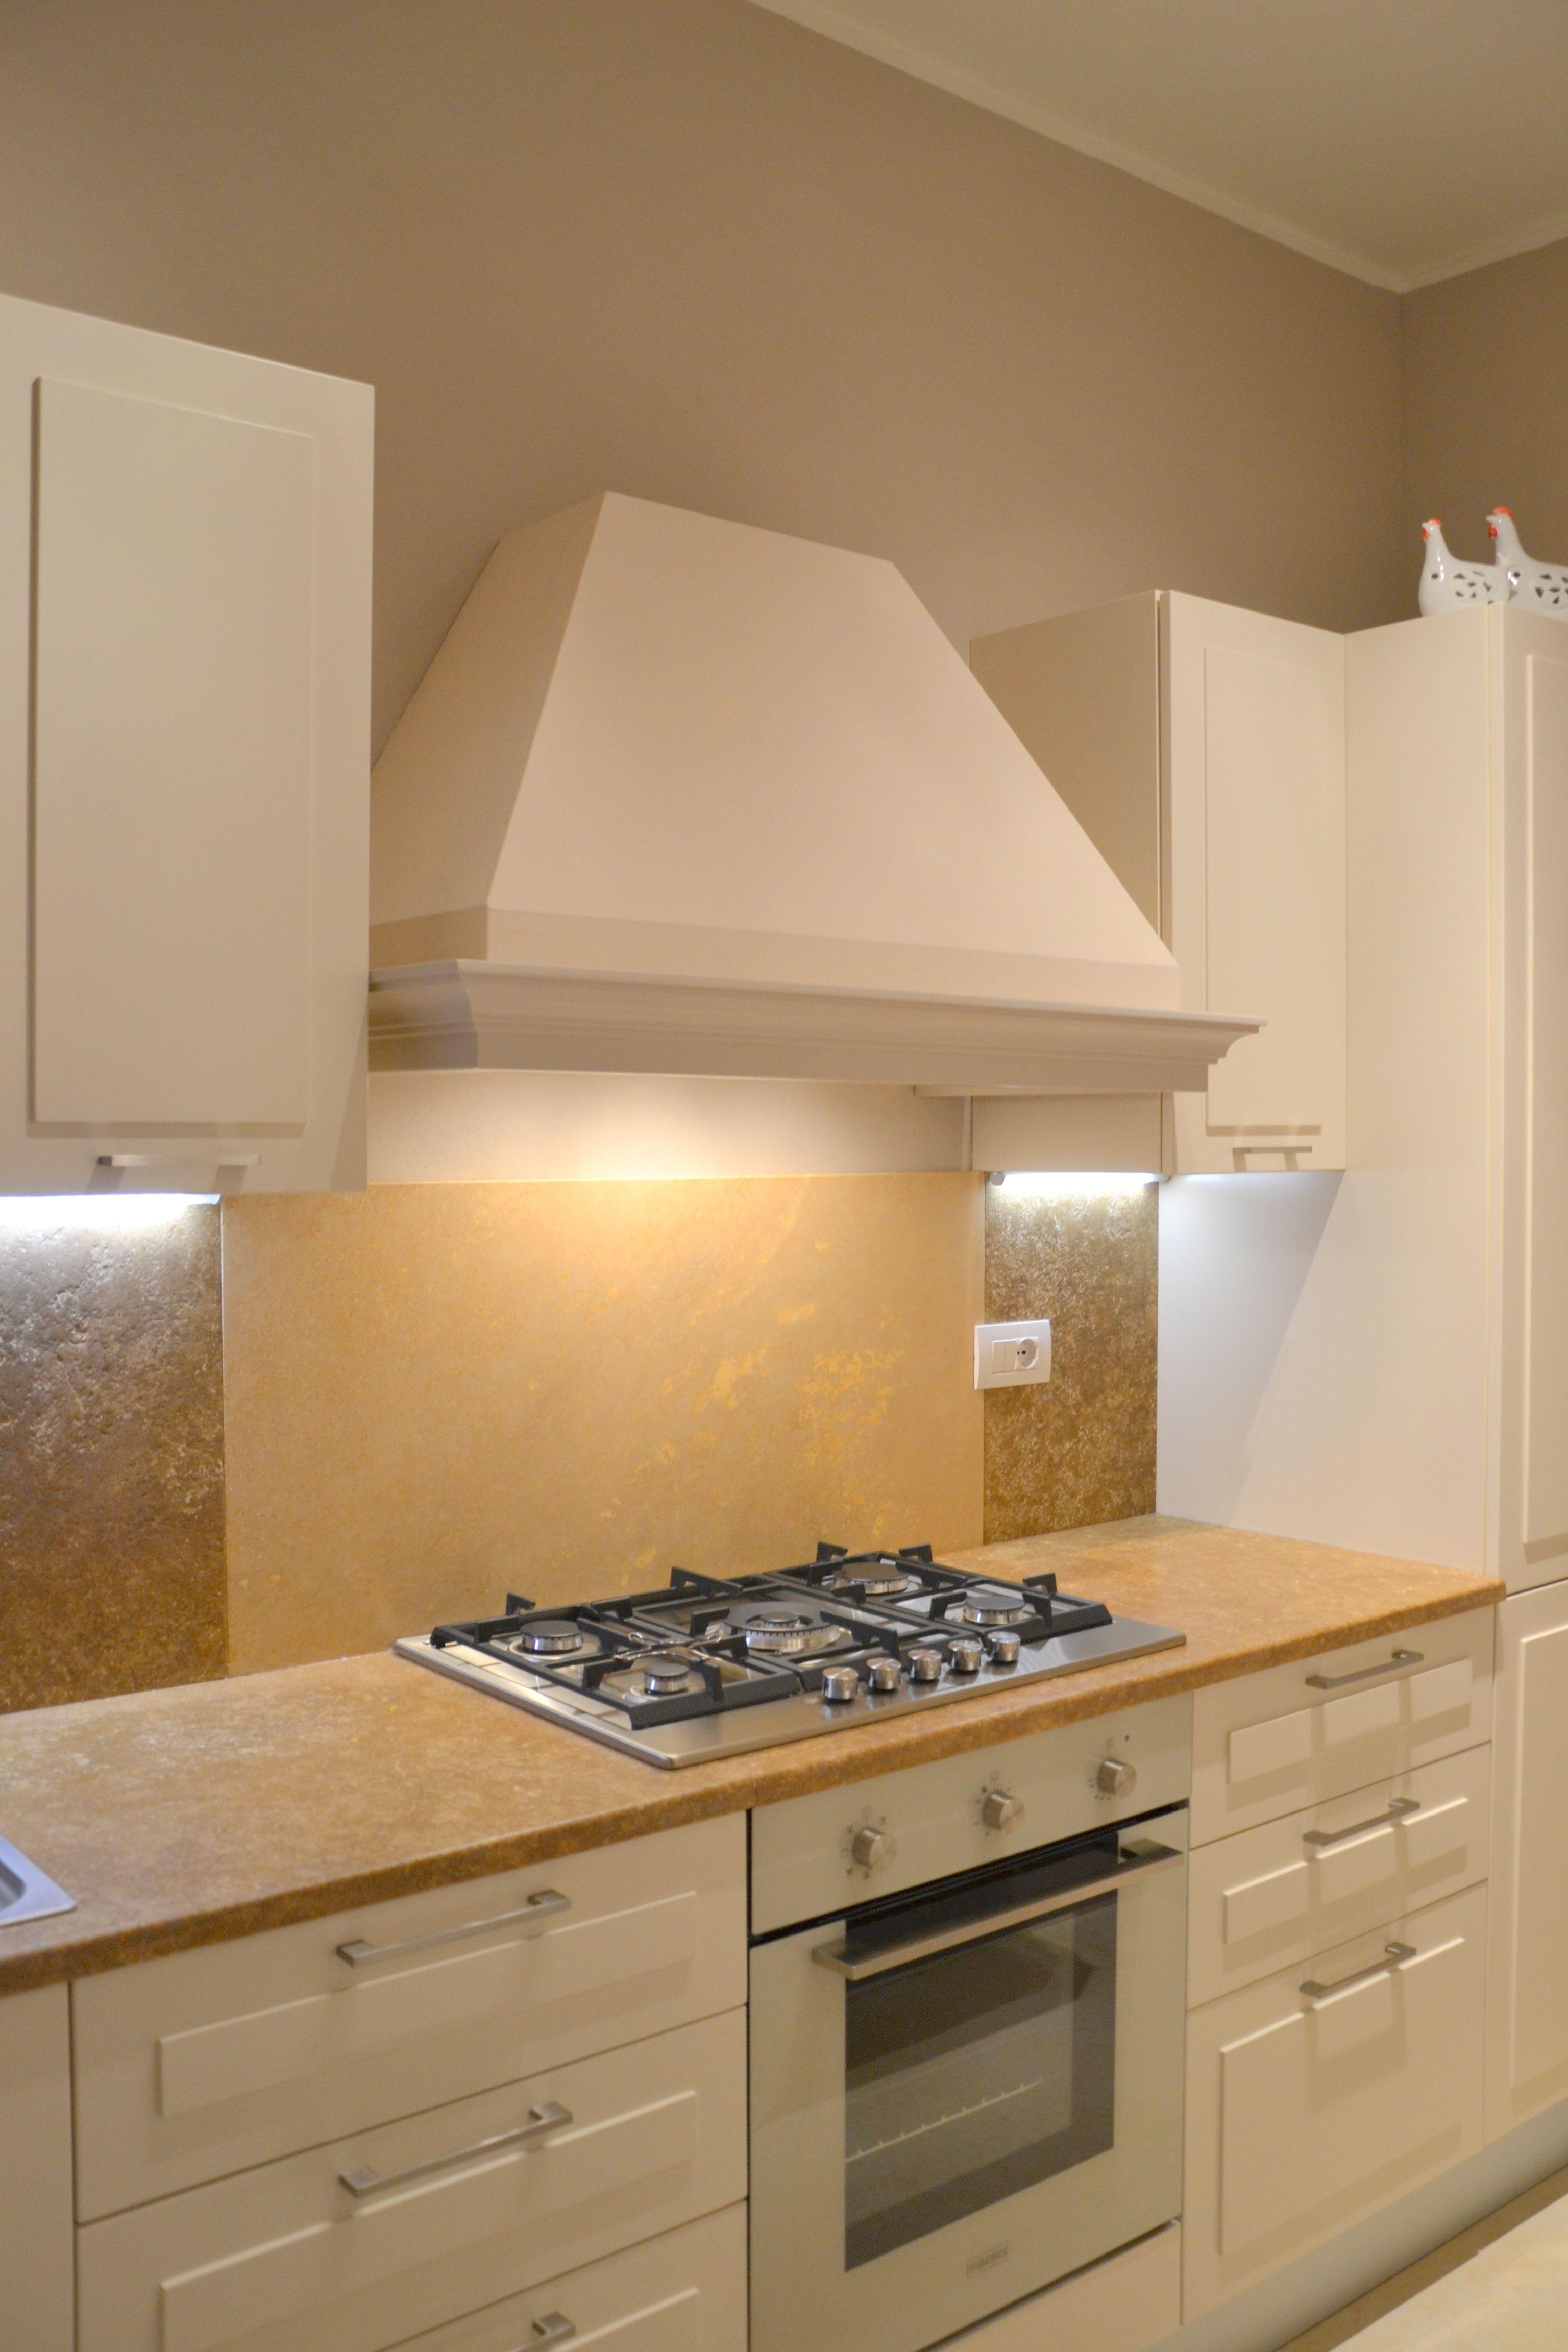 Cucina realizzata su un\'unica parete | Cucine | Cucine